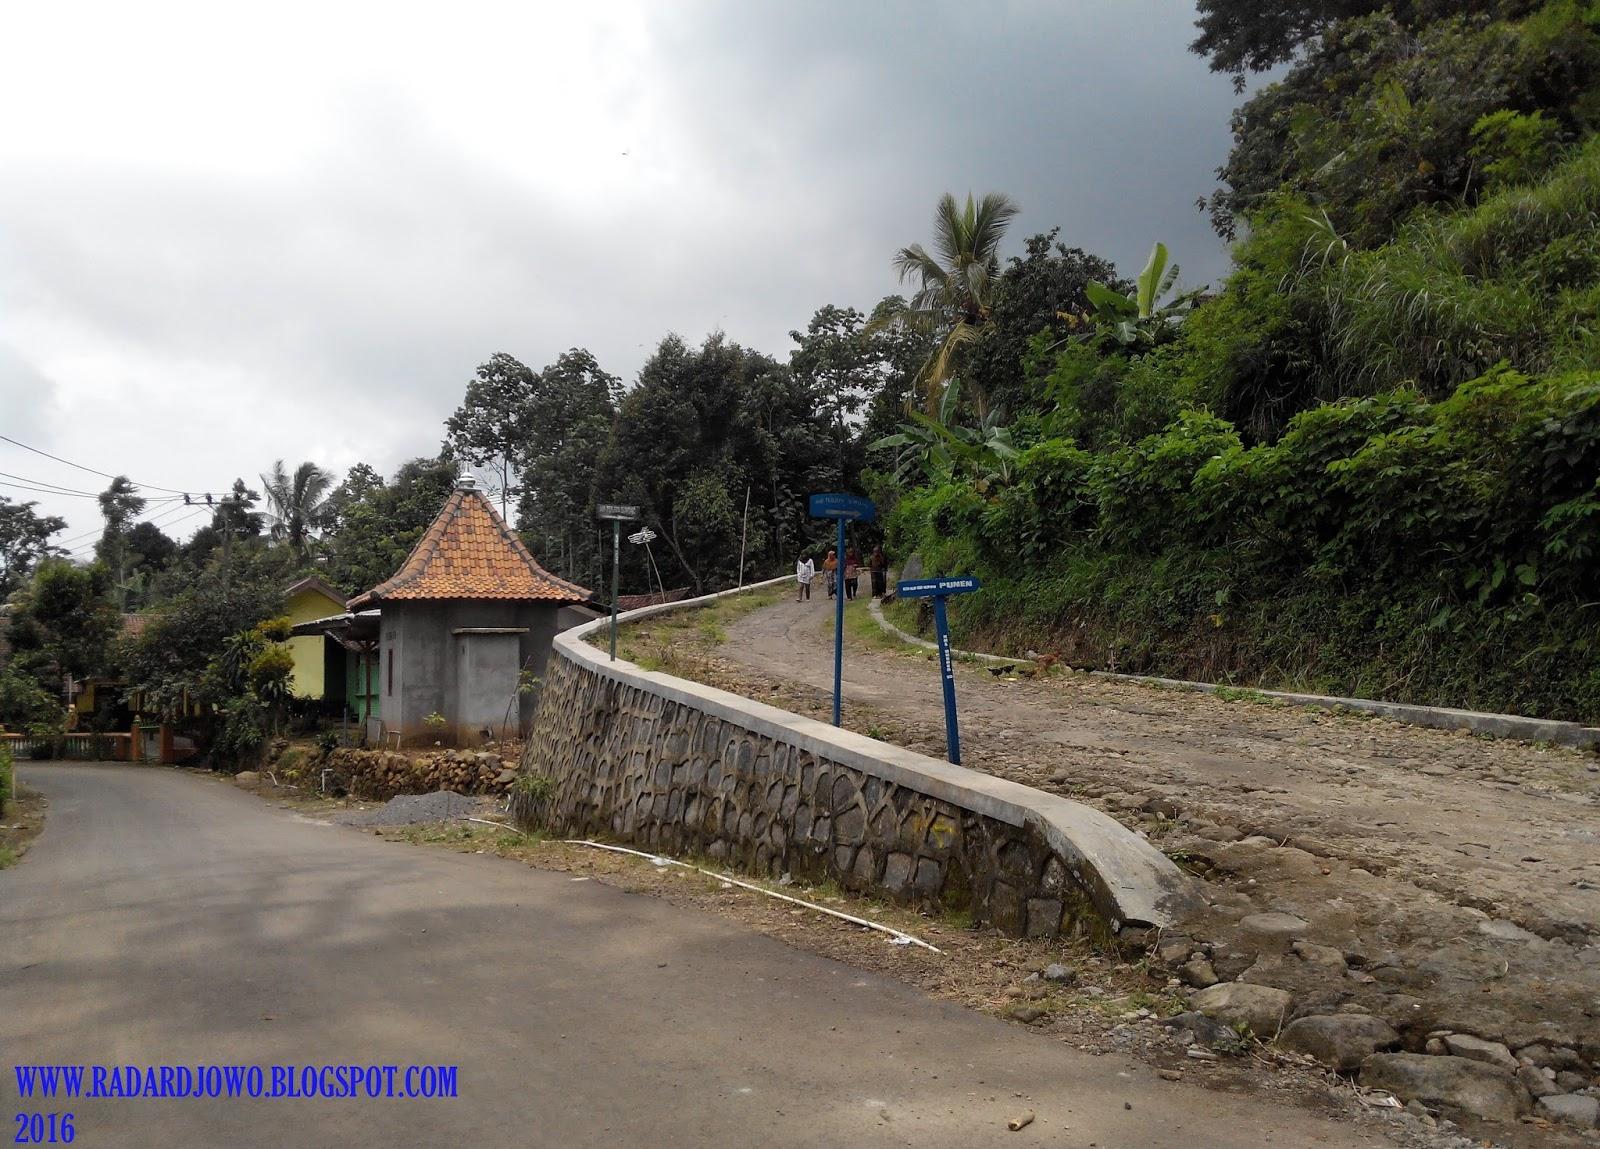 Air Terjun Suwono Ngrambe 2 Radar Djowo Teleng Kab Ngawi